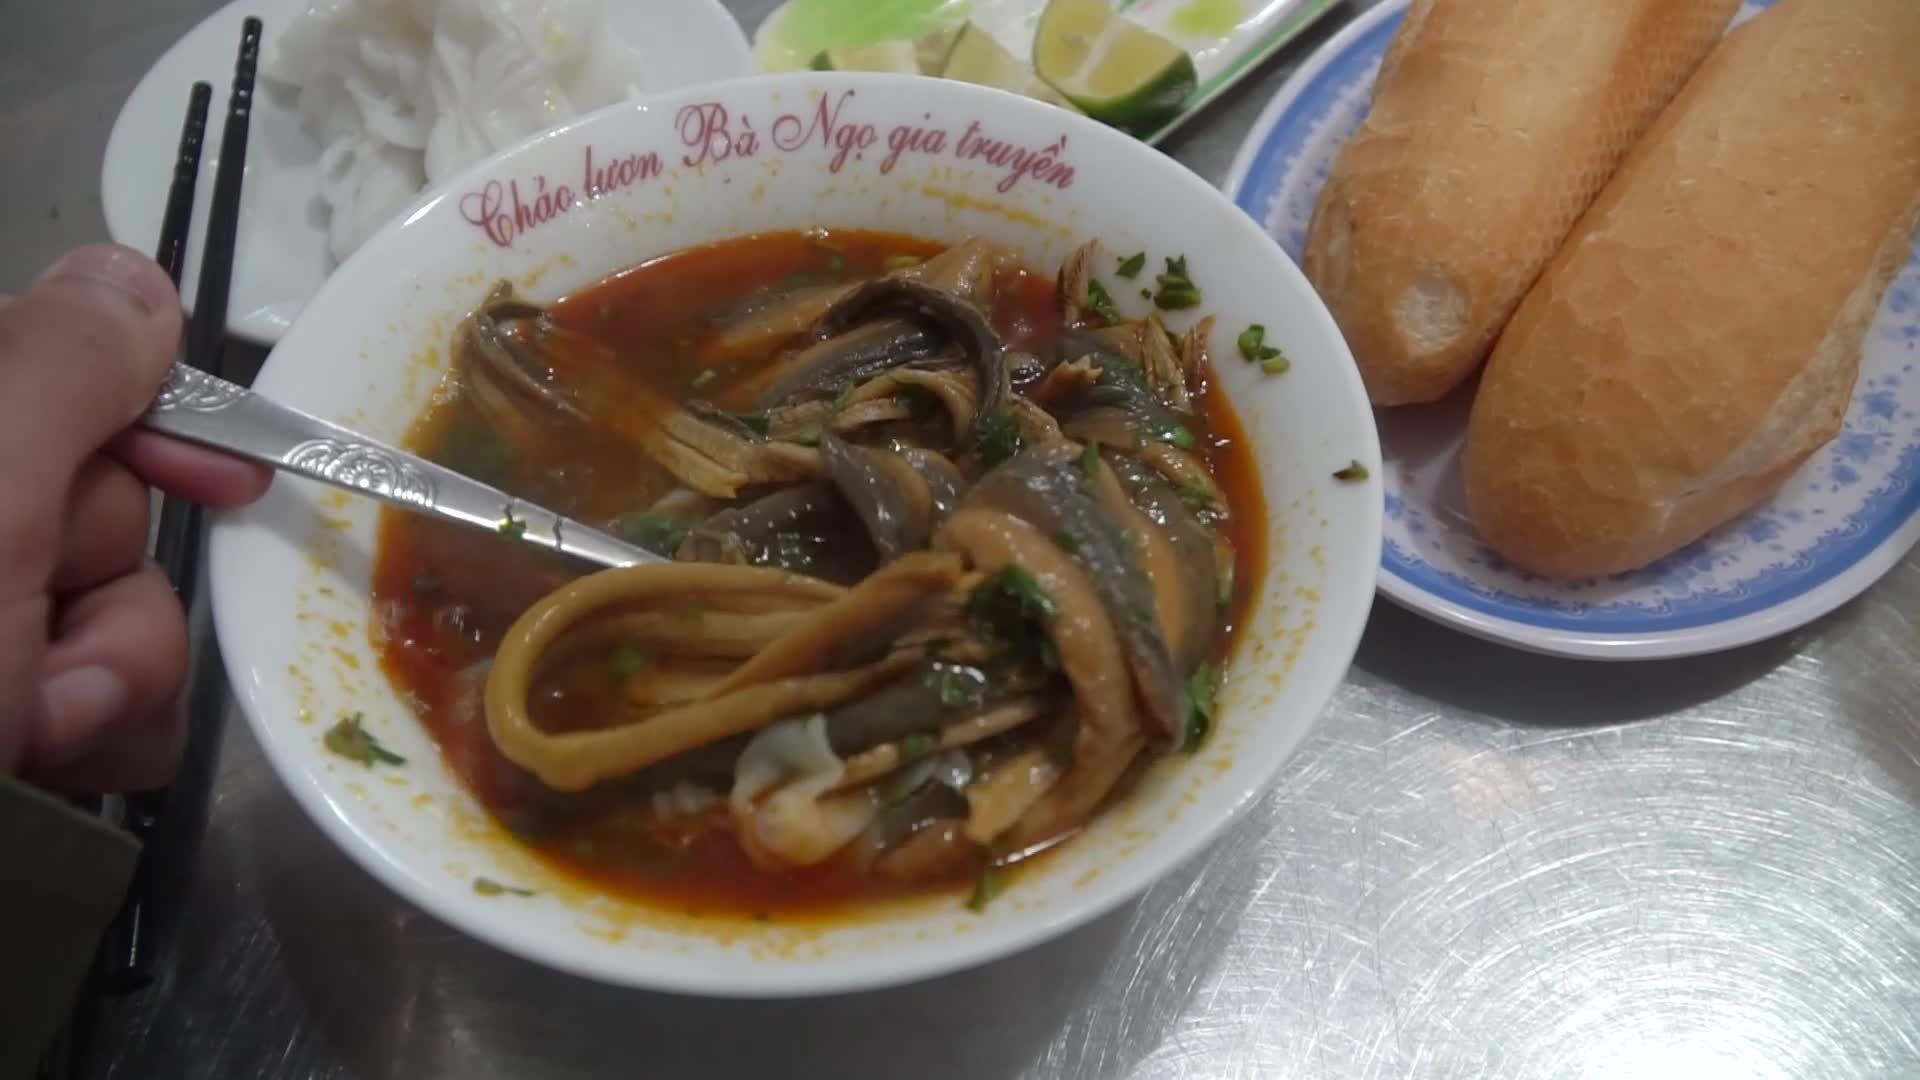 Cháo lươn bà Ngọ TP Vinh